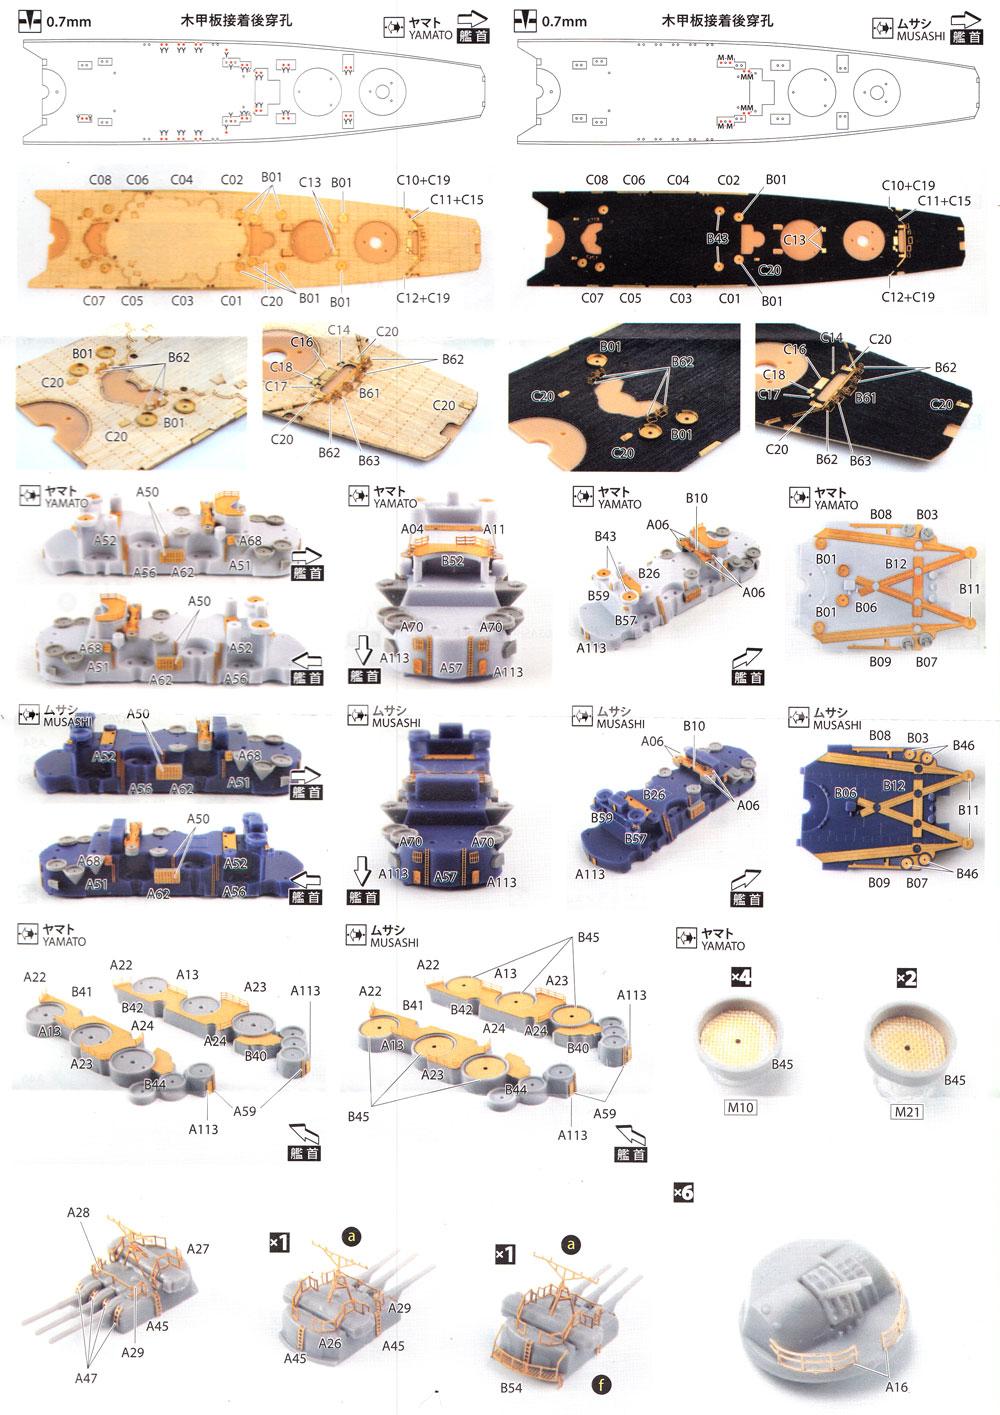 戦艦 大和型 エッチングパーツセットエッチング(アオシマ1/700 フルハルモデル ディテールアップパーツNo.052655)商品画像_3